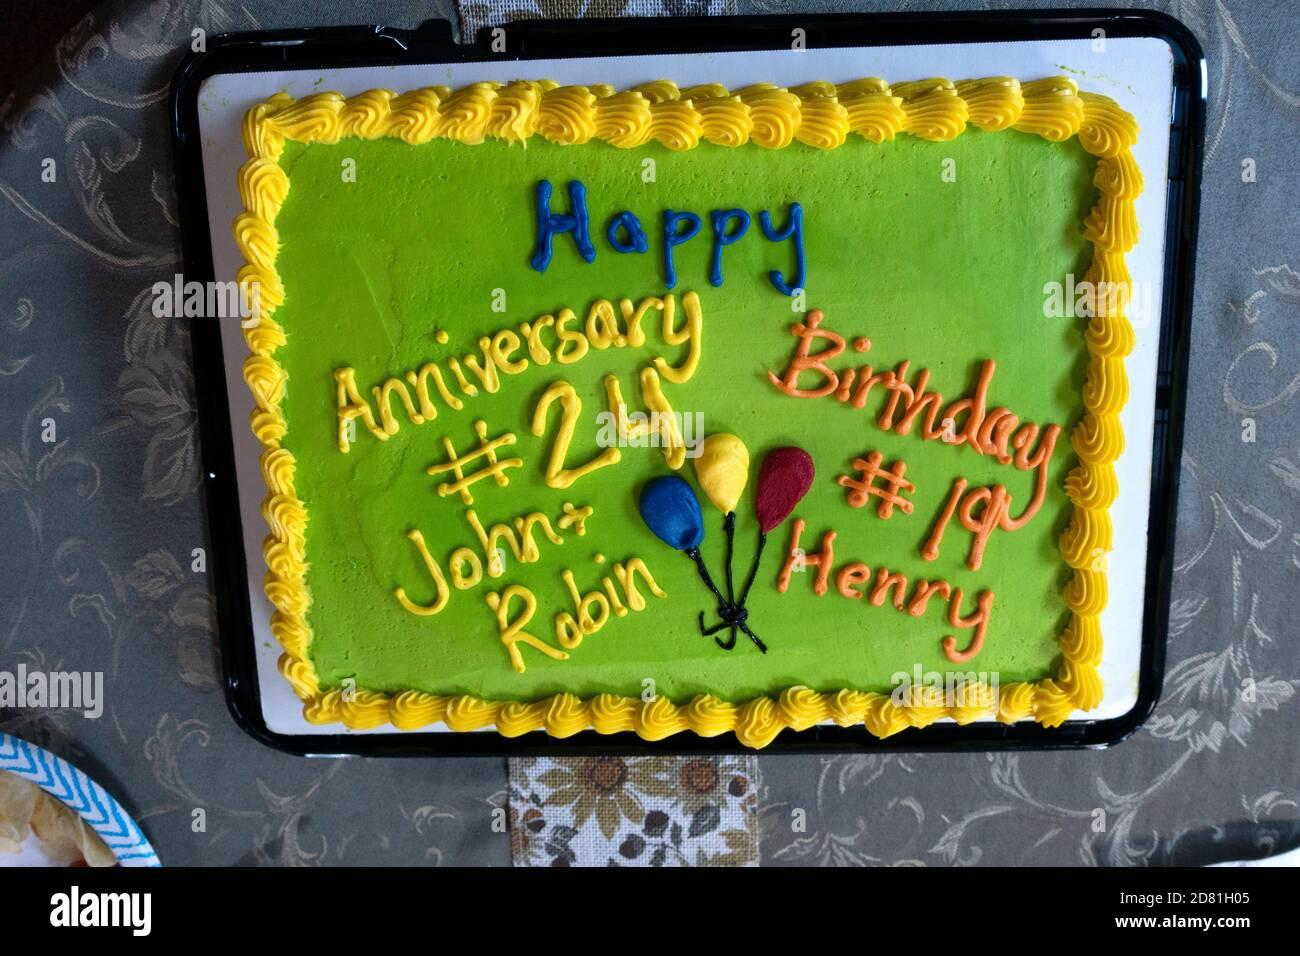 Festa con una torta verde per compleanno e anniversario. Downers Grove, Illinois, Stati Uniti Foto Stock